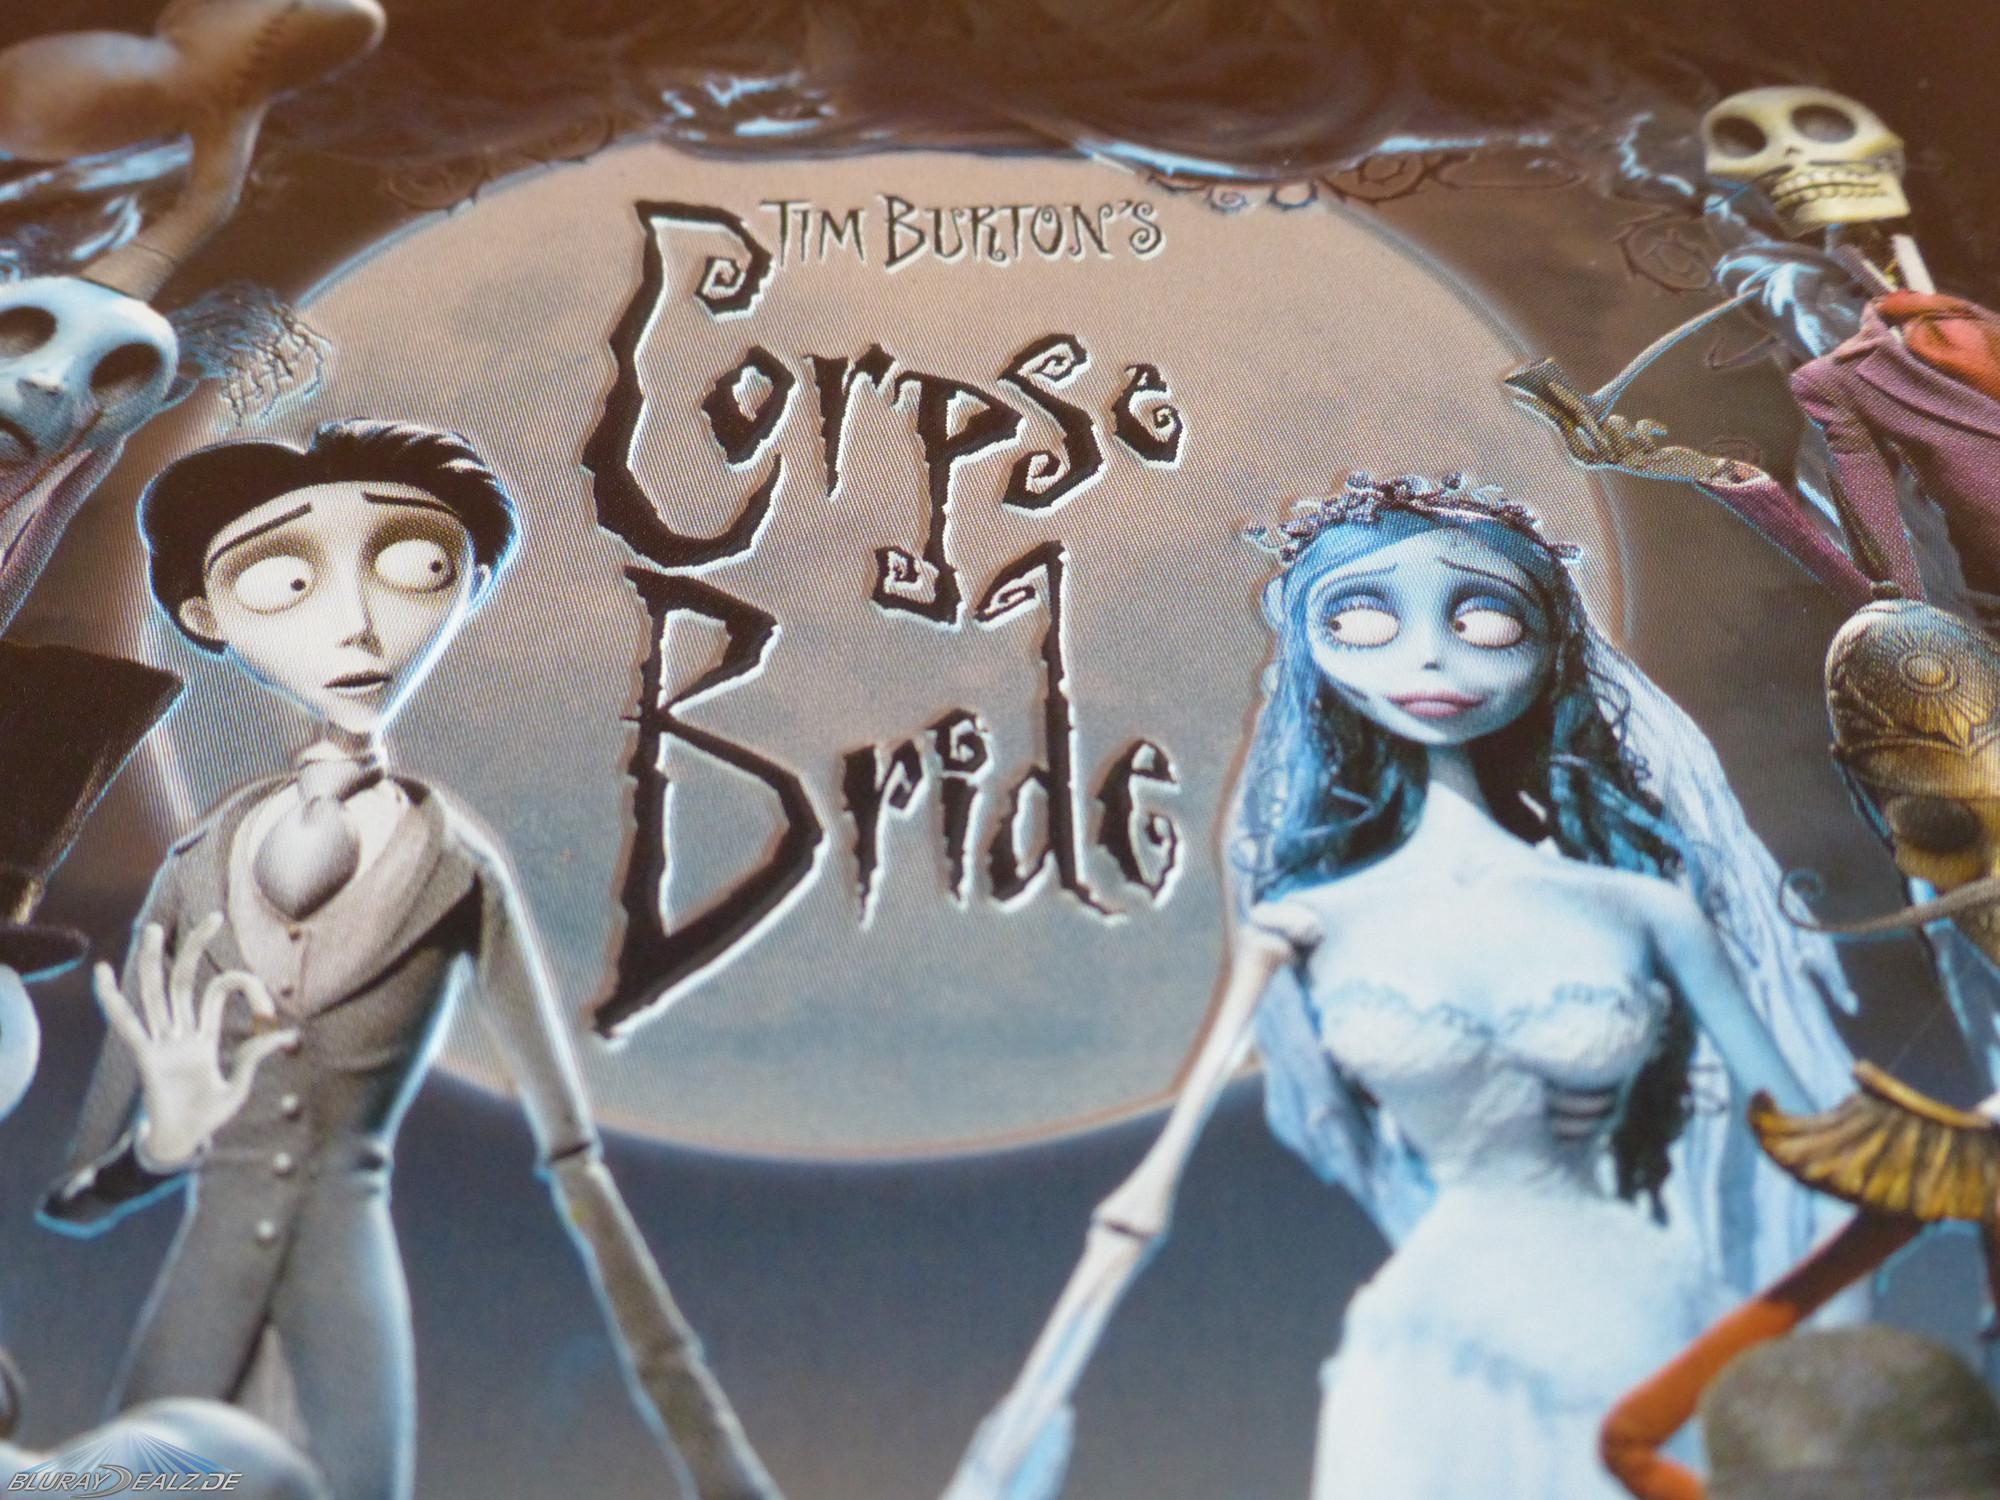 Summary of corpse bride